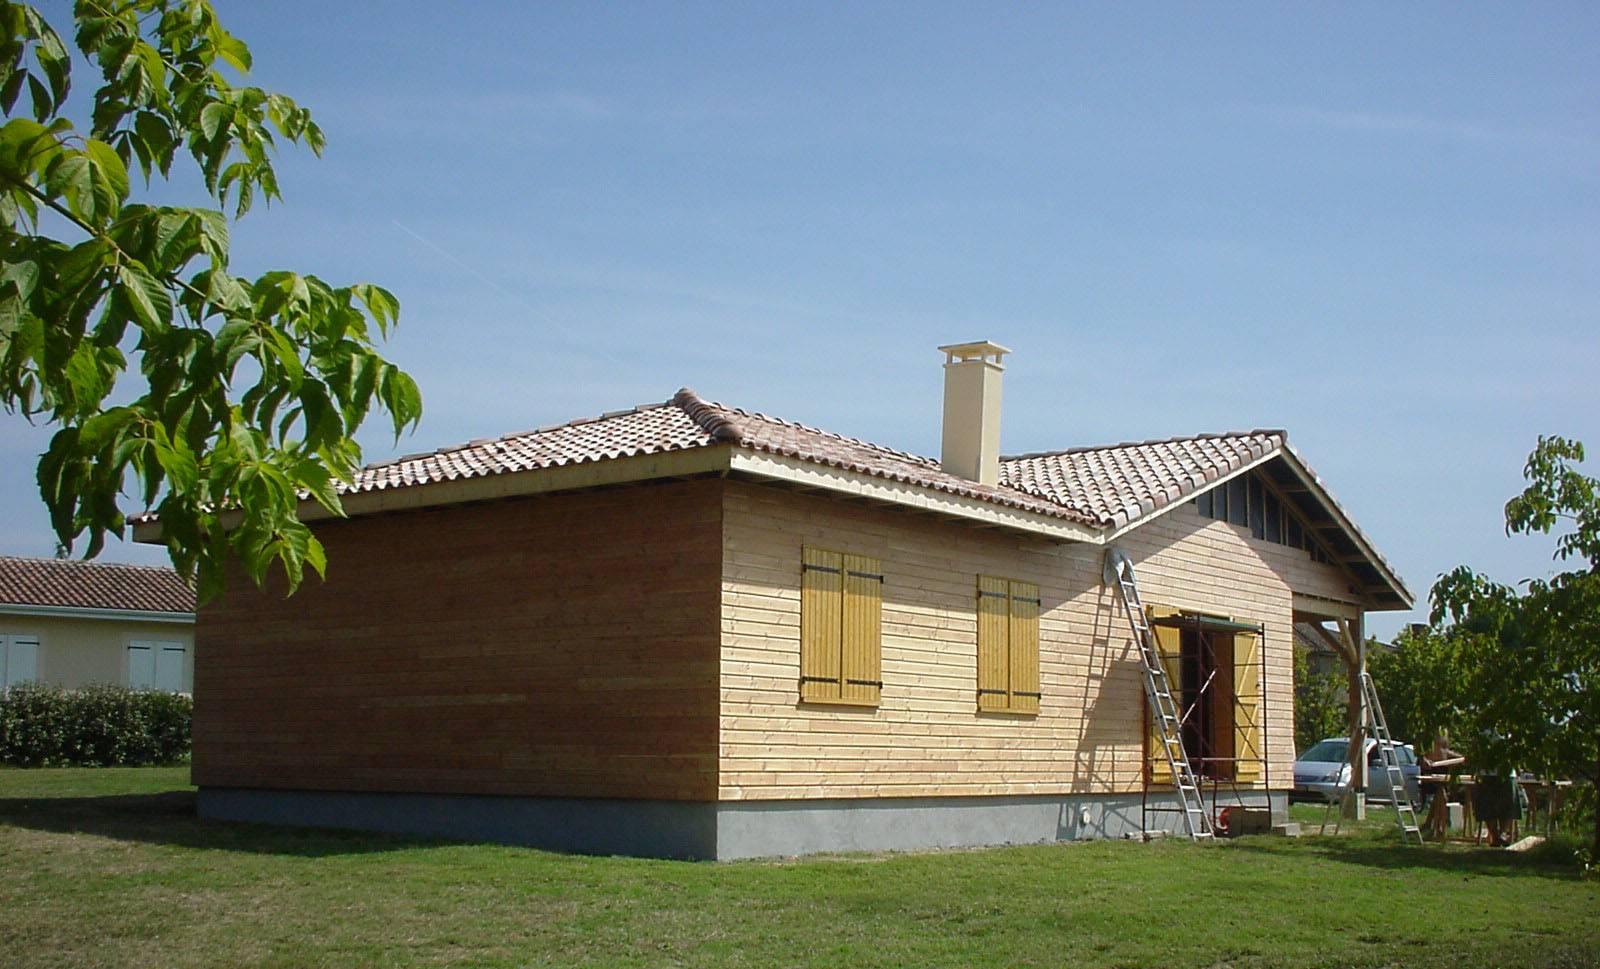 Constructeur maison bois langon ventana blog for Constructeur maison 18